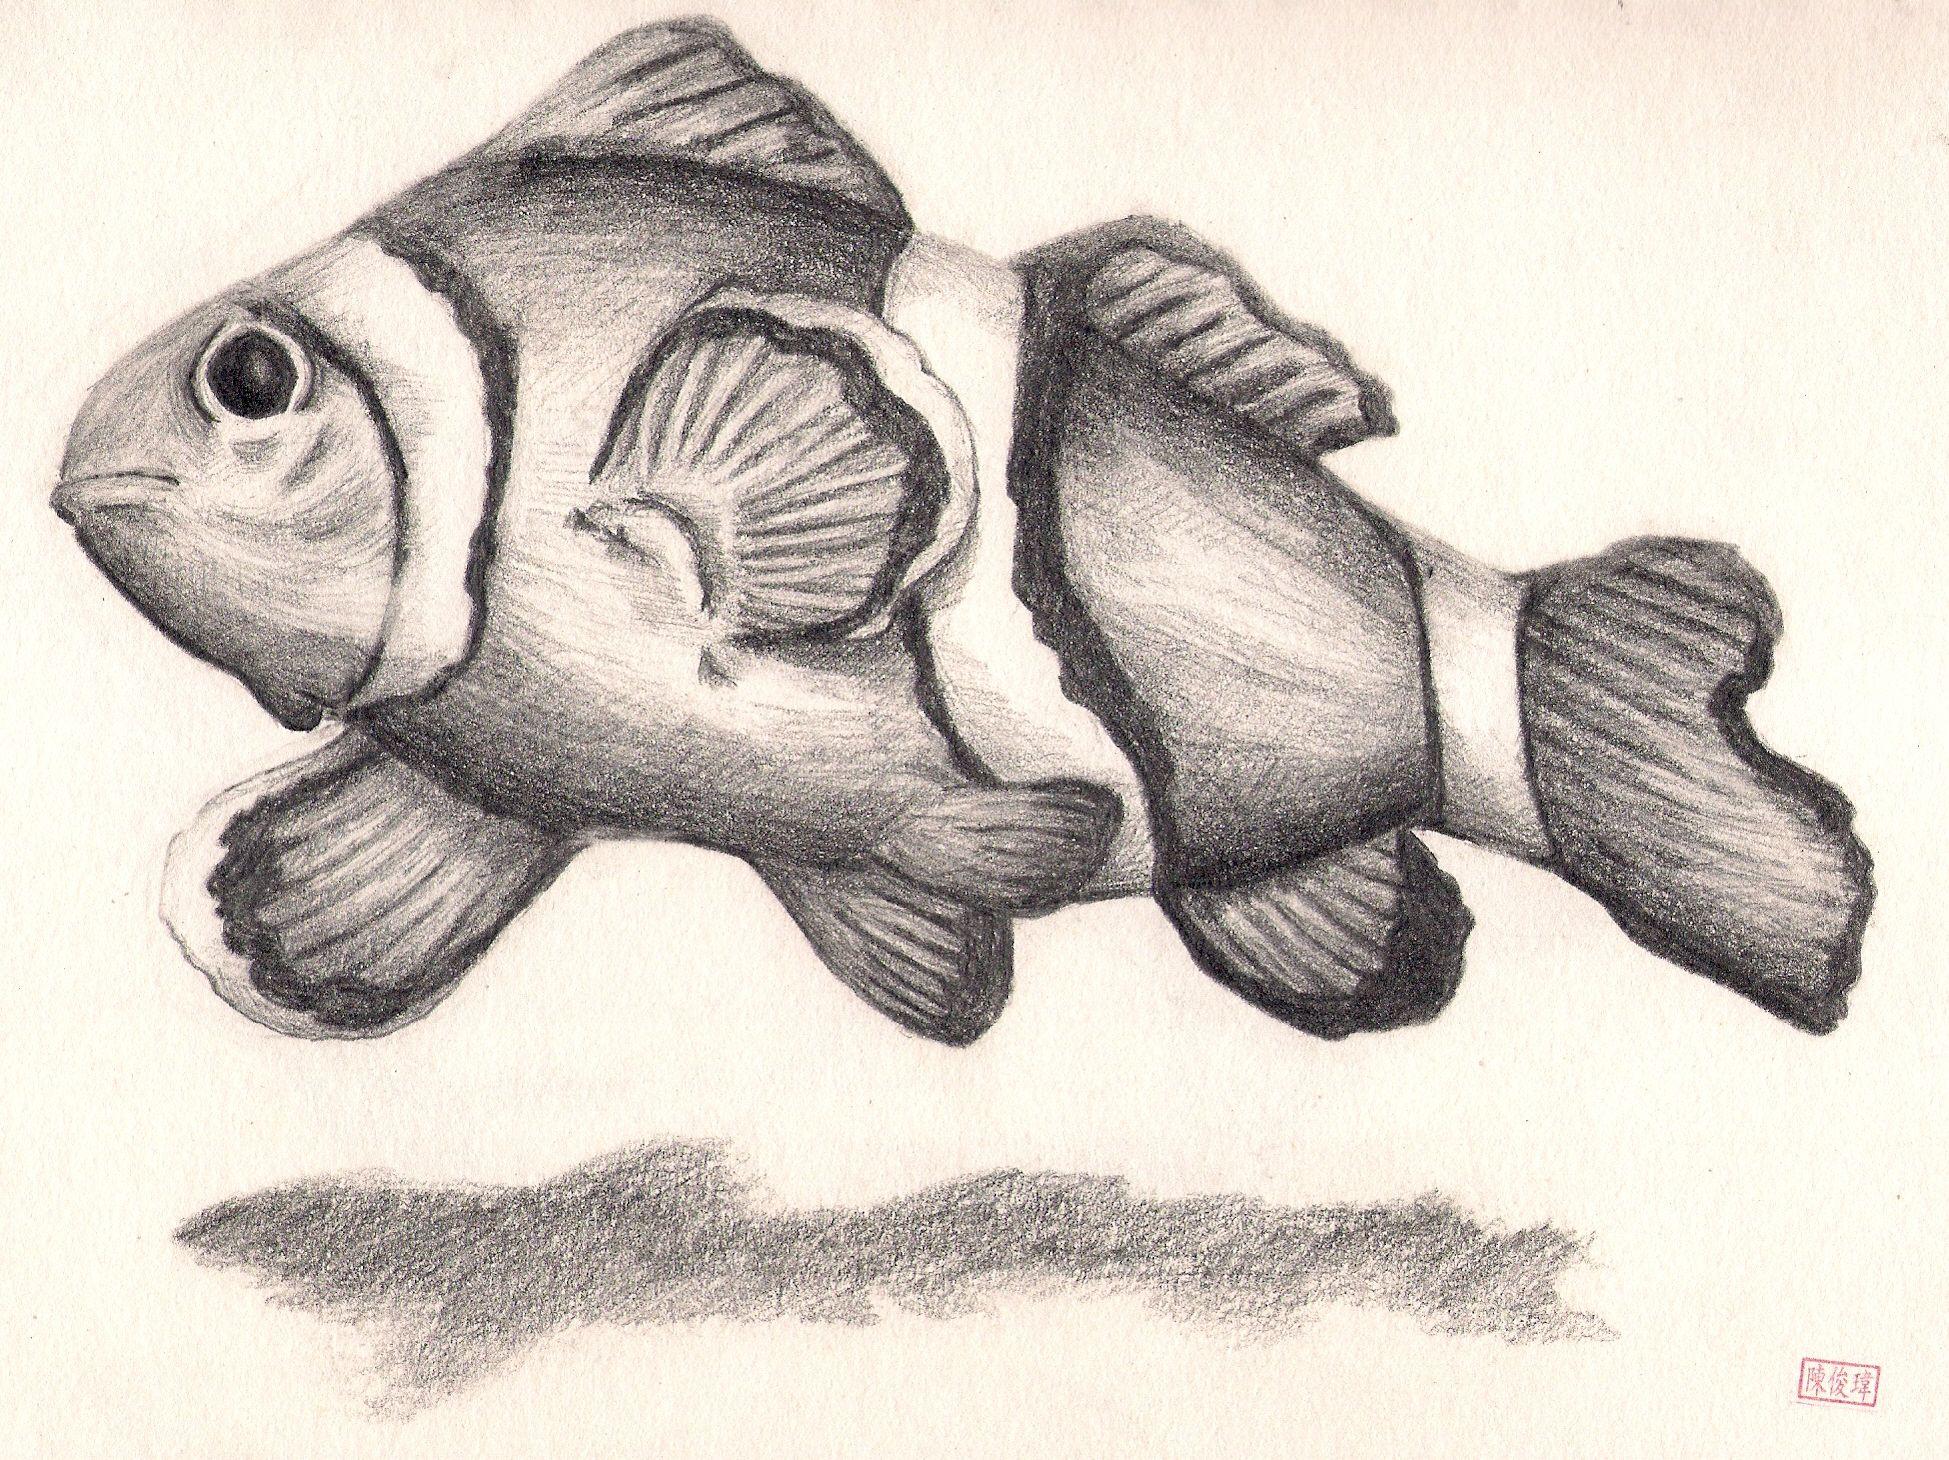 Clownfish fish drawings couple drawings horse drawings animal drawings pencil drawings